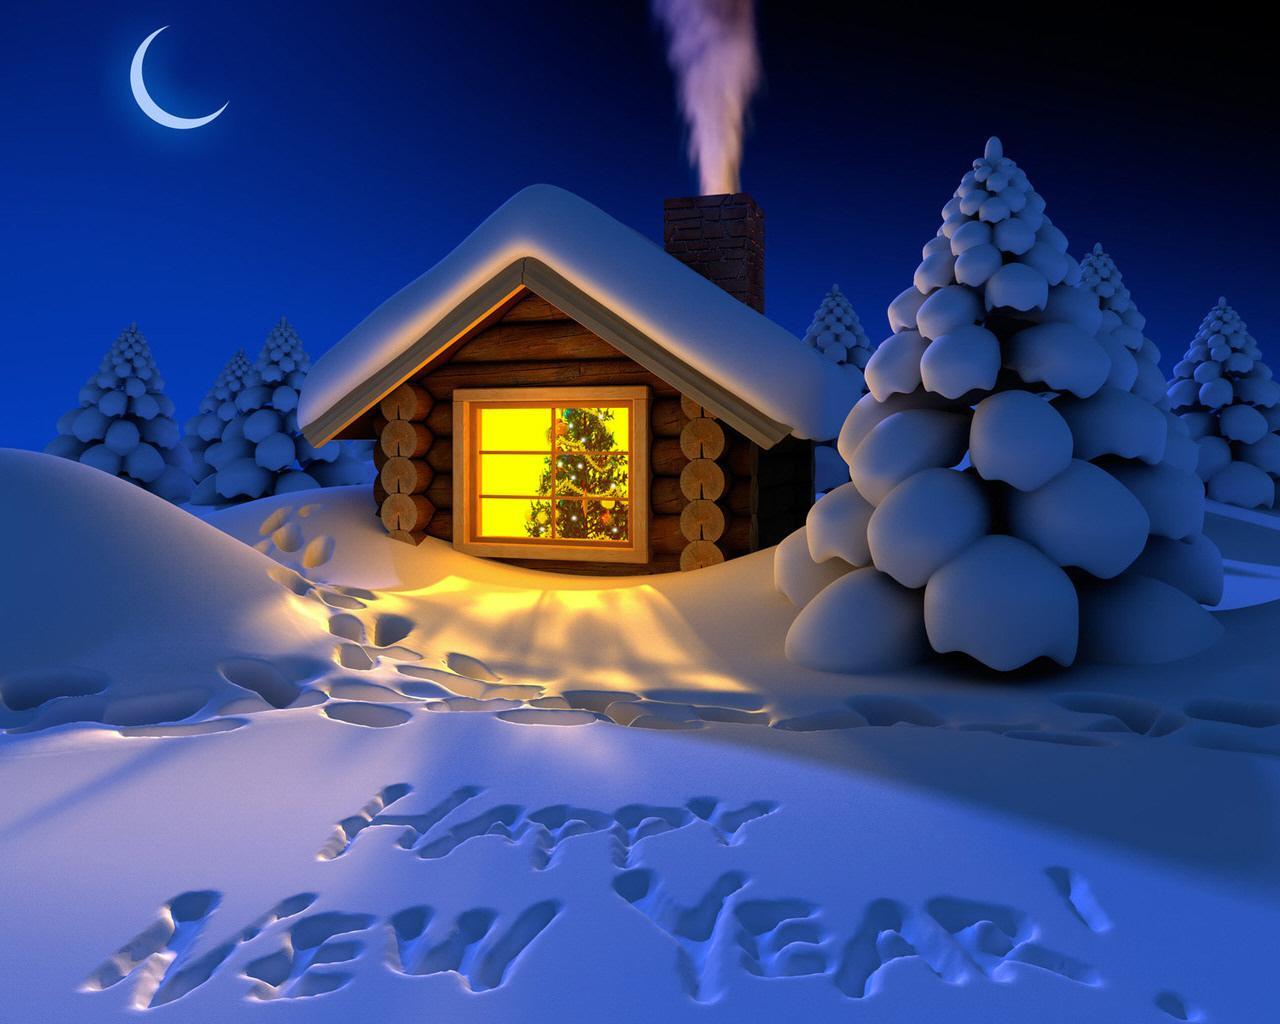 Снять дом на новый год — тула ясная